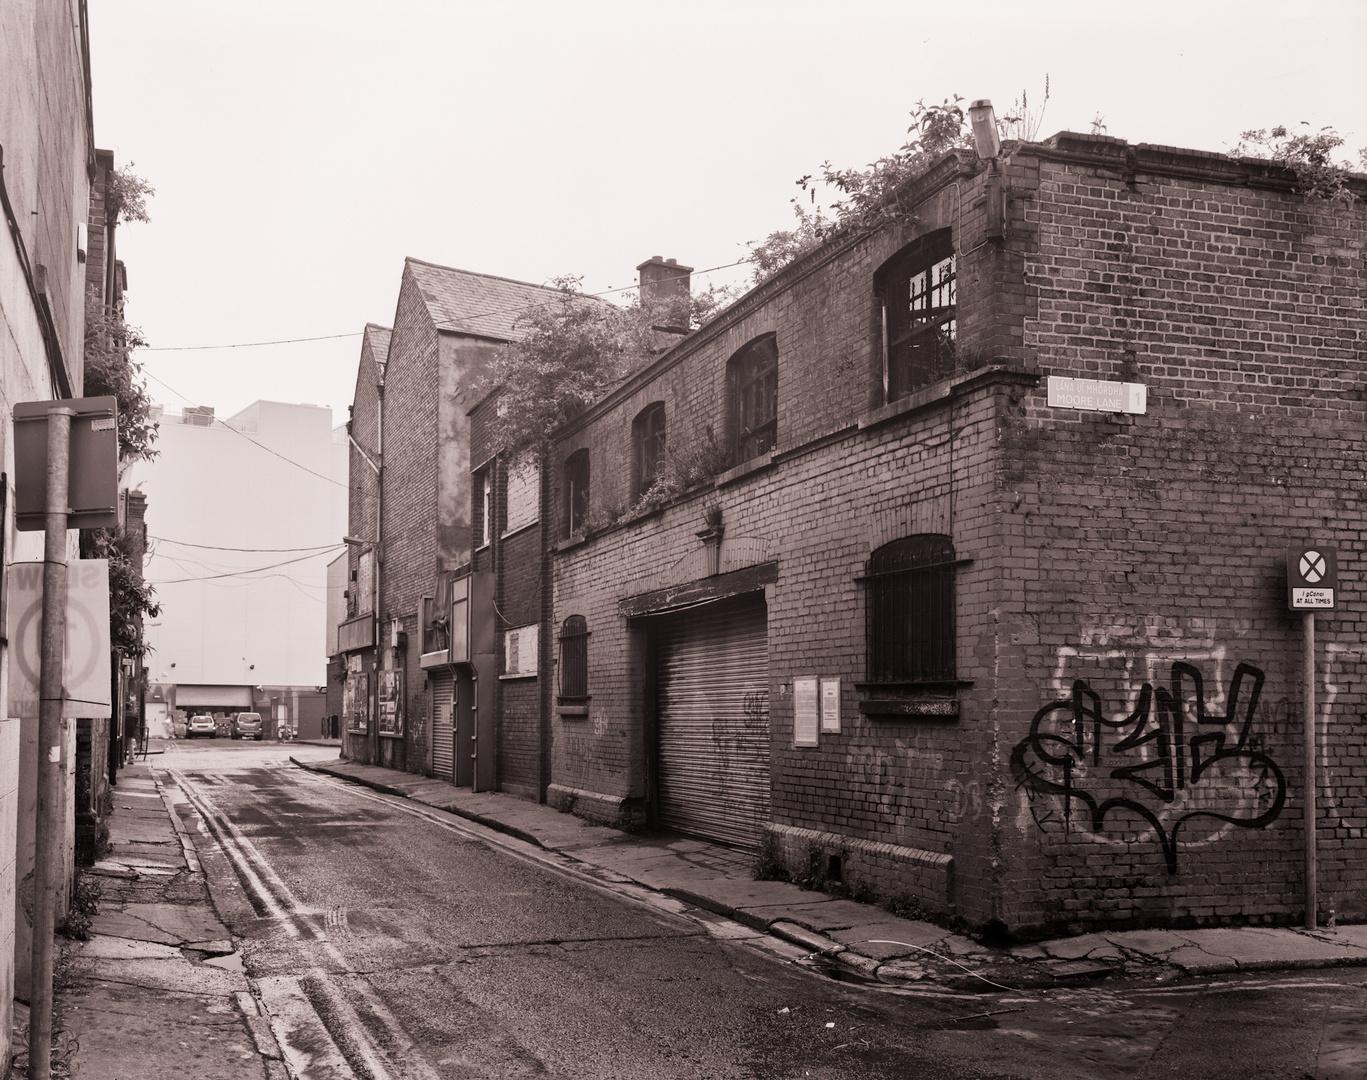 moore_street_films-6.jpg